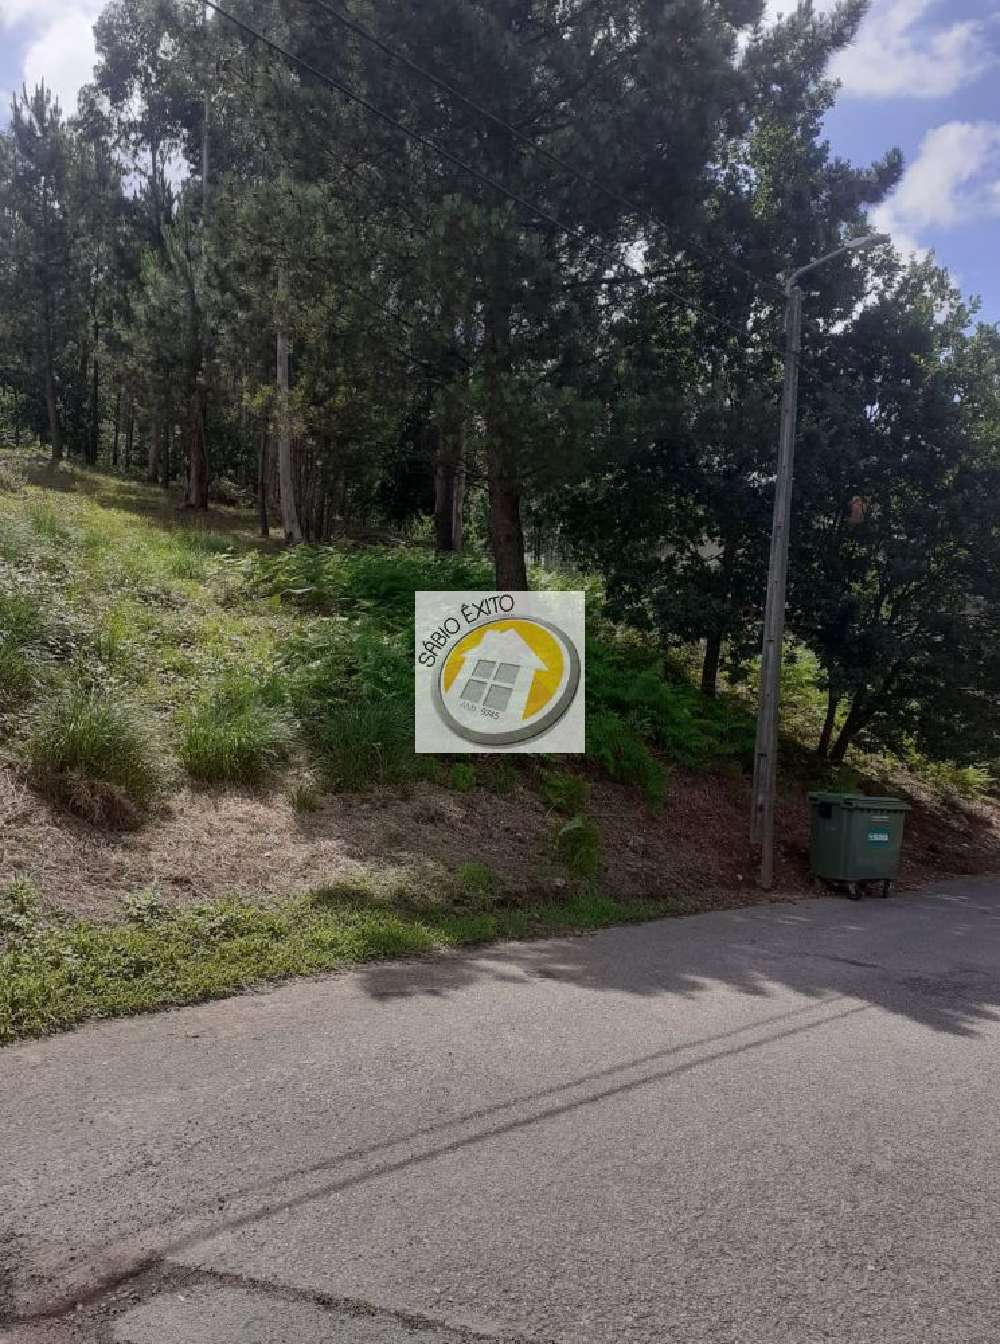 Vila Nova de Gaia Vila Nova De Gaia 土地 照片 #request.properties.id#